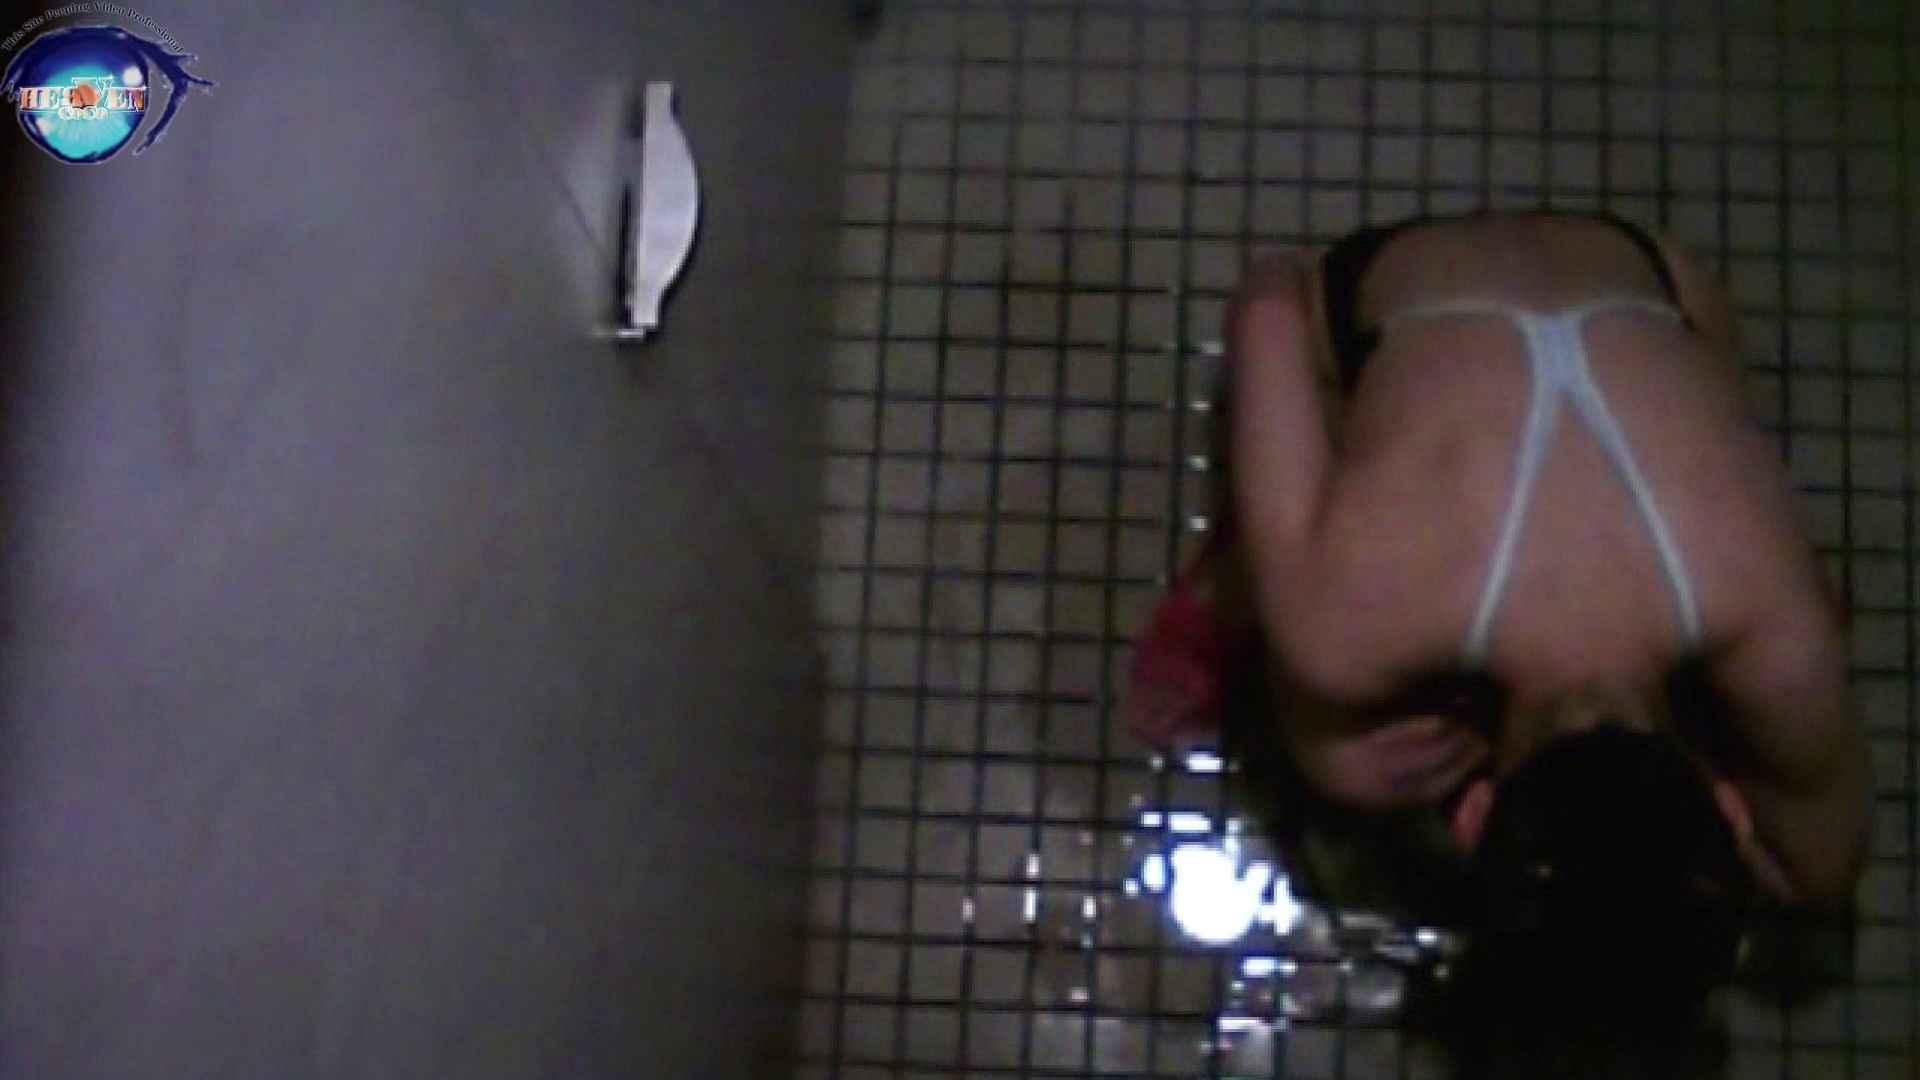 水泳大会選手の聖水 vol.16 トイレ オマンコ動画キャプチャ 92PIX 34